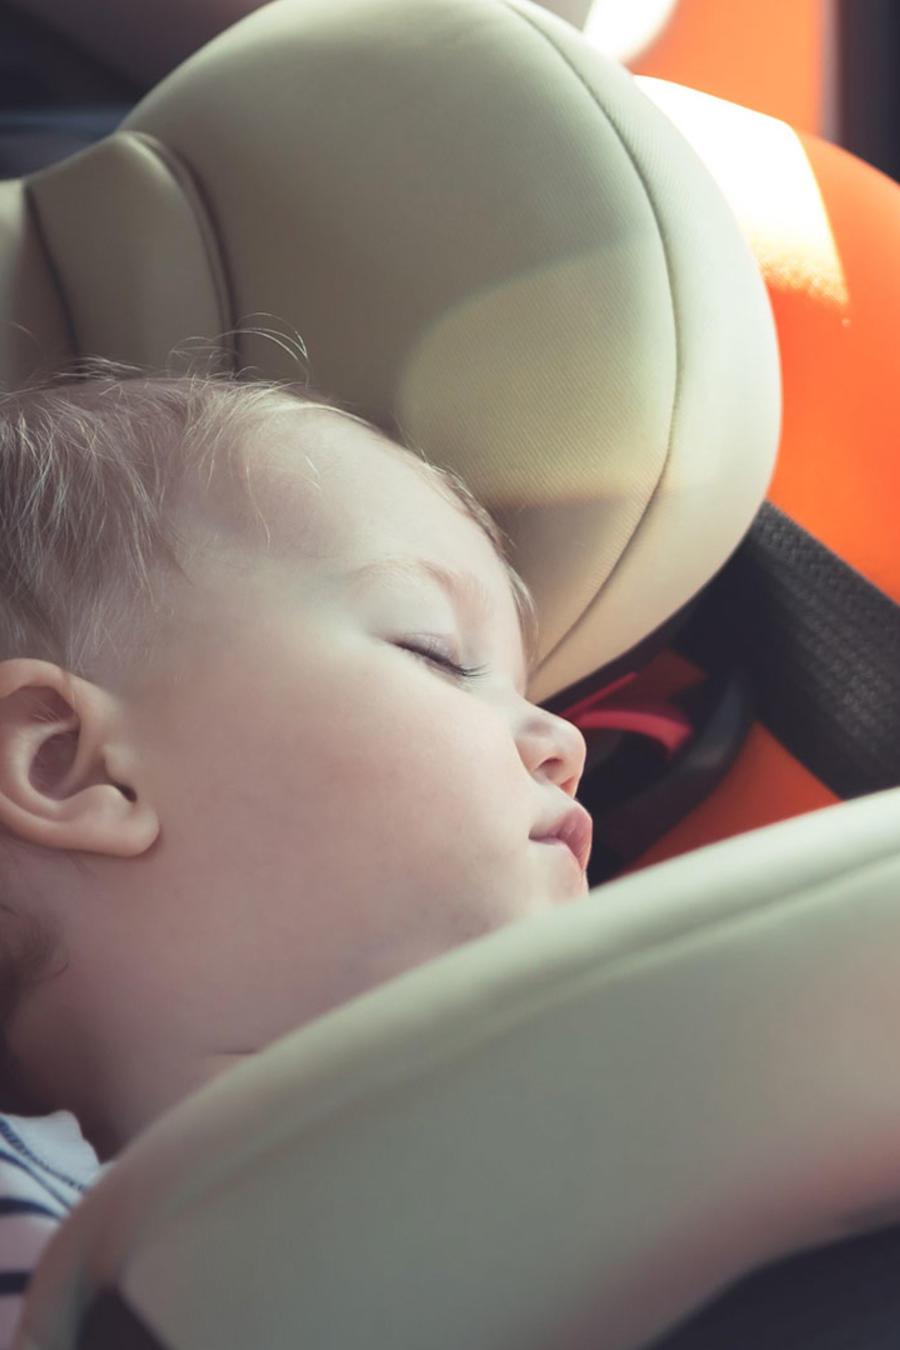 Bebé dormido en el asiento trasero